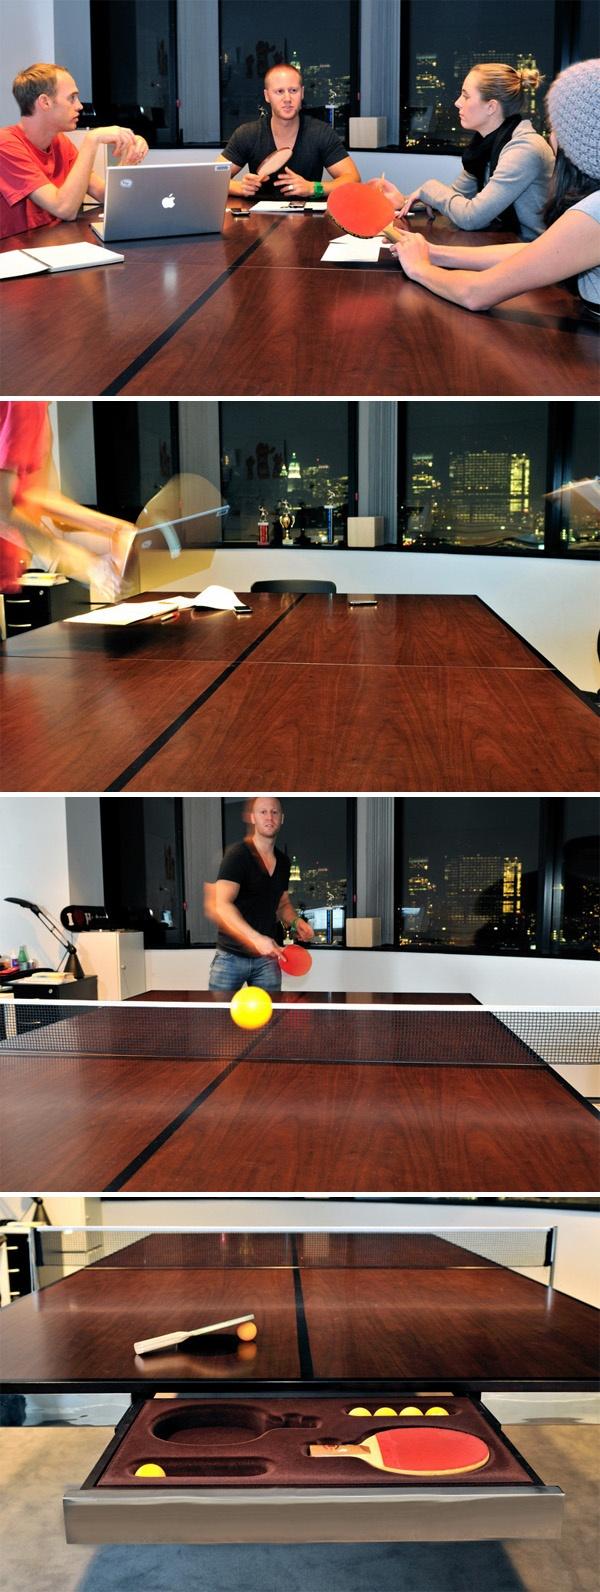 Table&Tennis -- Mesa polivalente de diseño elegante, que tanto encuentra su lugar en un despacho como un comedor, y en un momento se transforma en mesa de ping pong | #Table #PingPong #Tennis